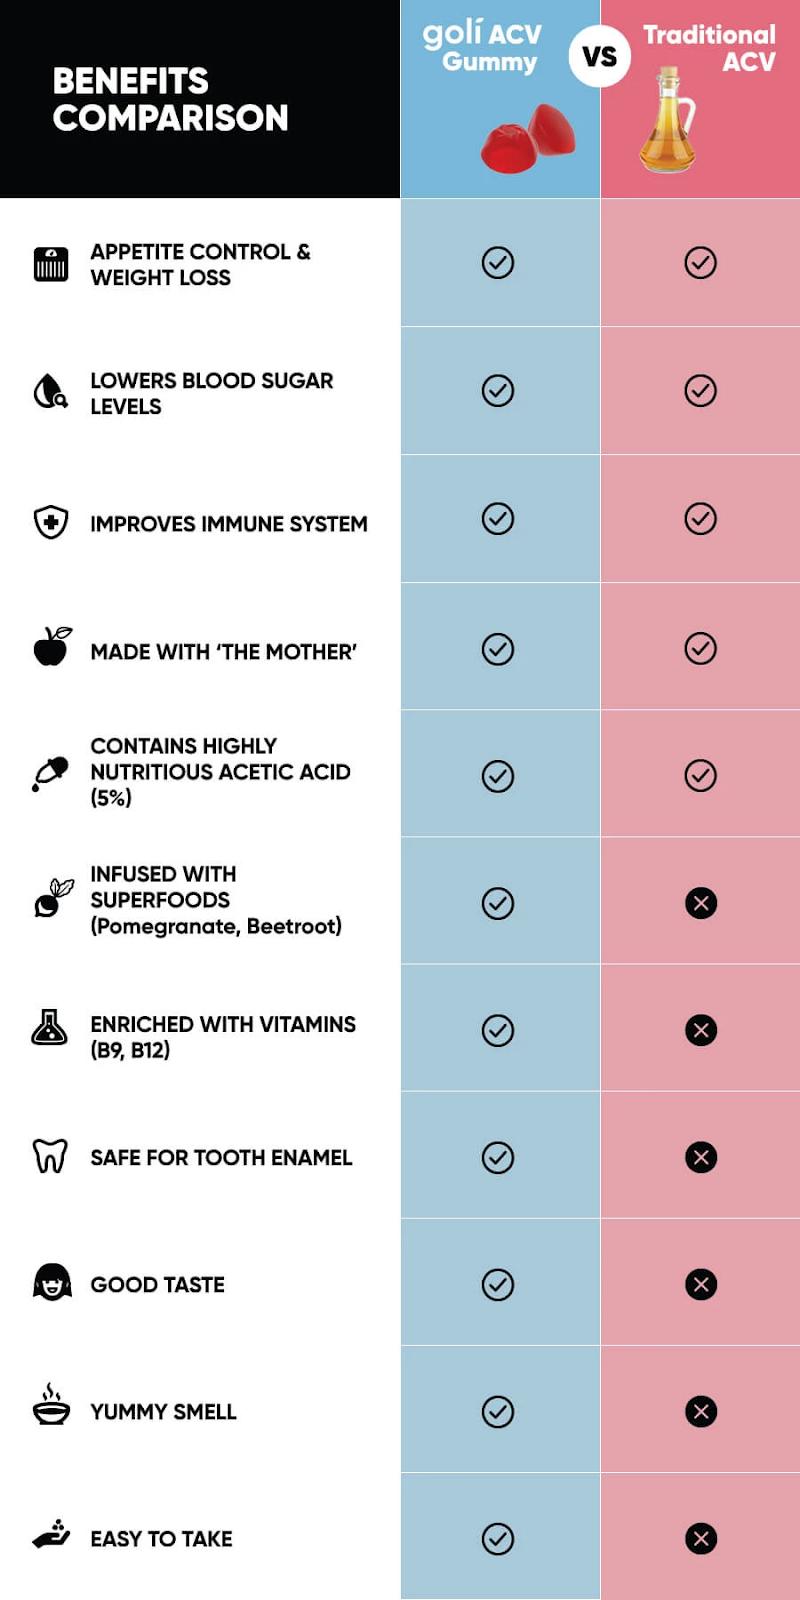 Goli Gummy Benefits